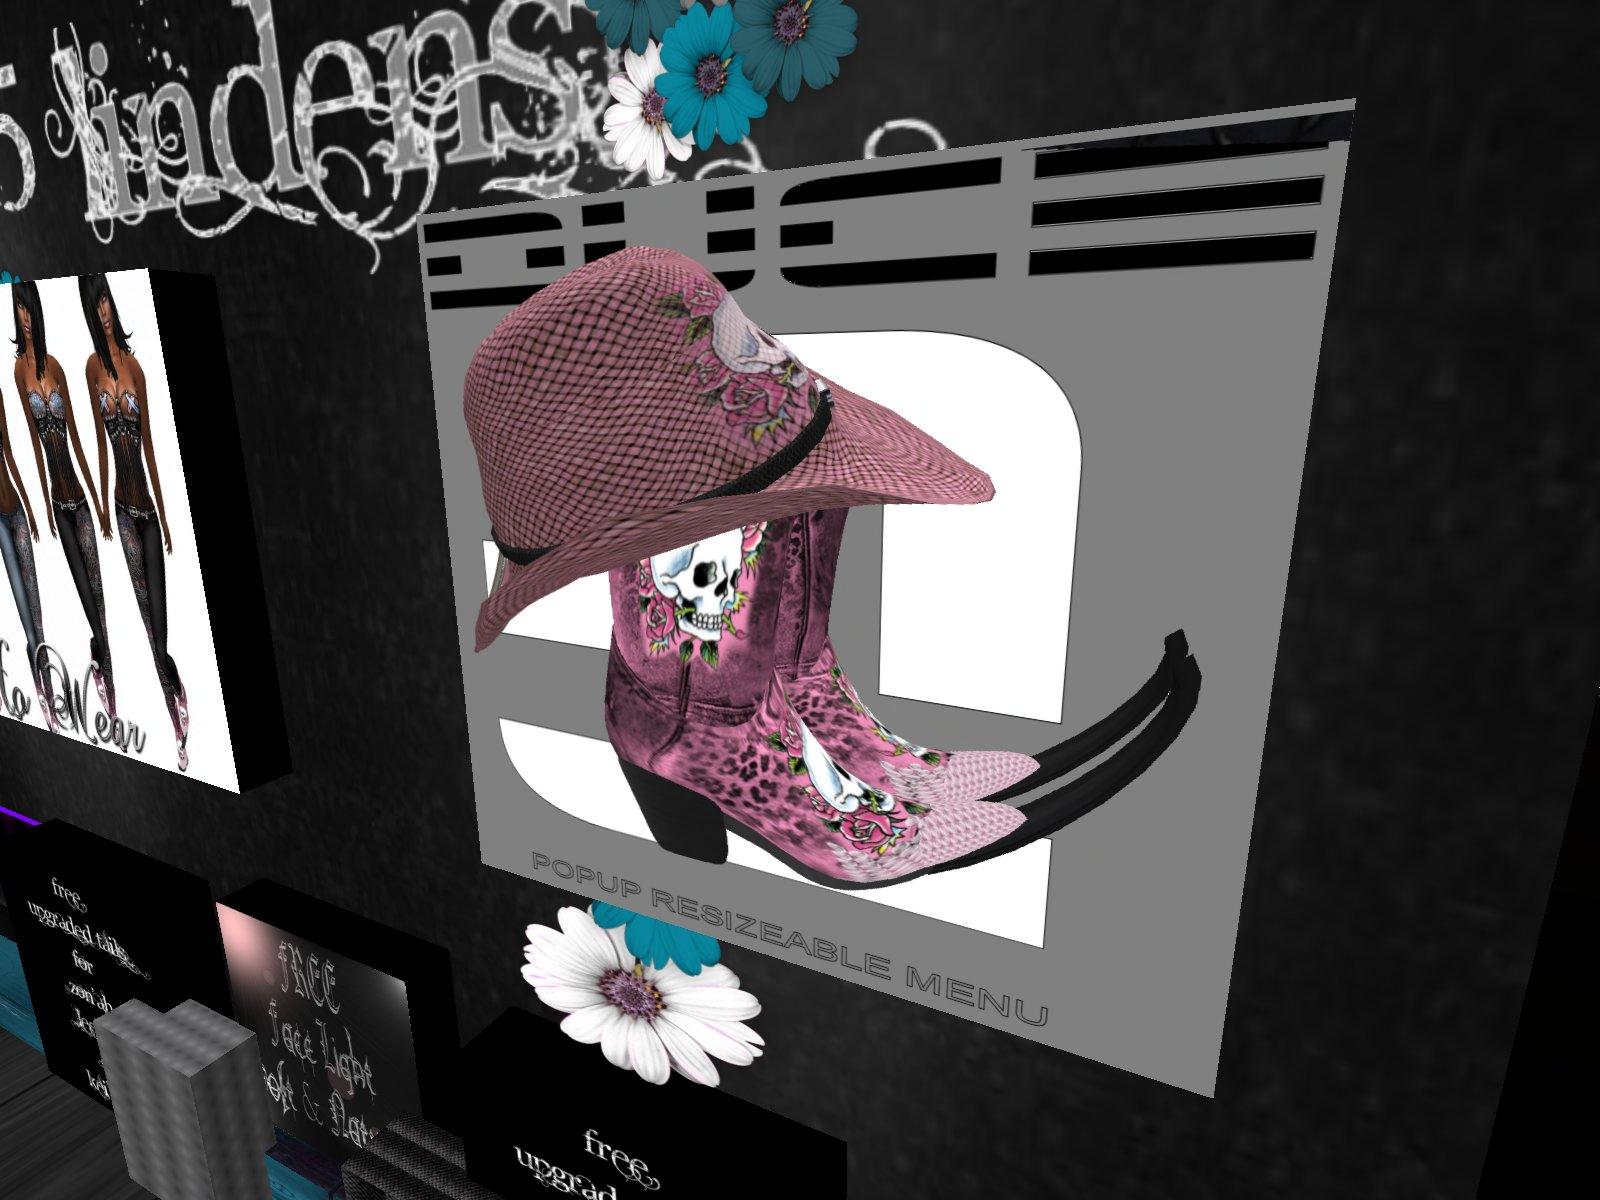 http://2.bp.blogspot.com/-WoqHglK-xjk/TkA4_MBchjI/AAAAAAAACNk/WWMWuKd-HBE/s1600/Snapshot_076.jpg